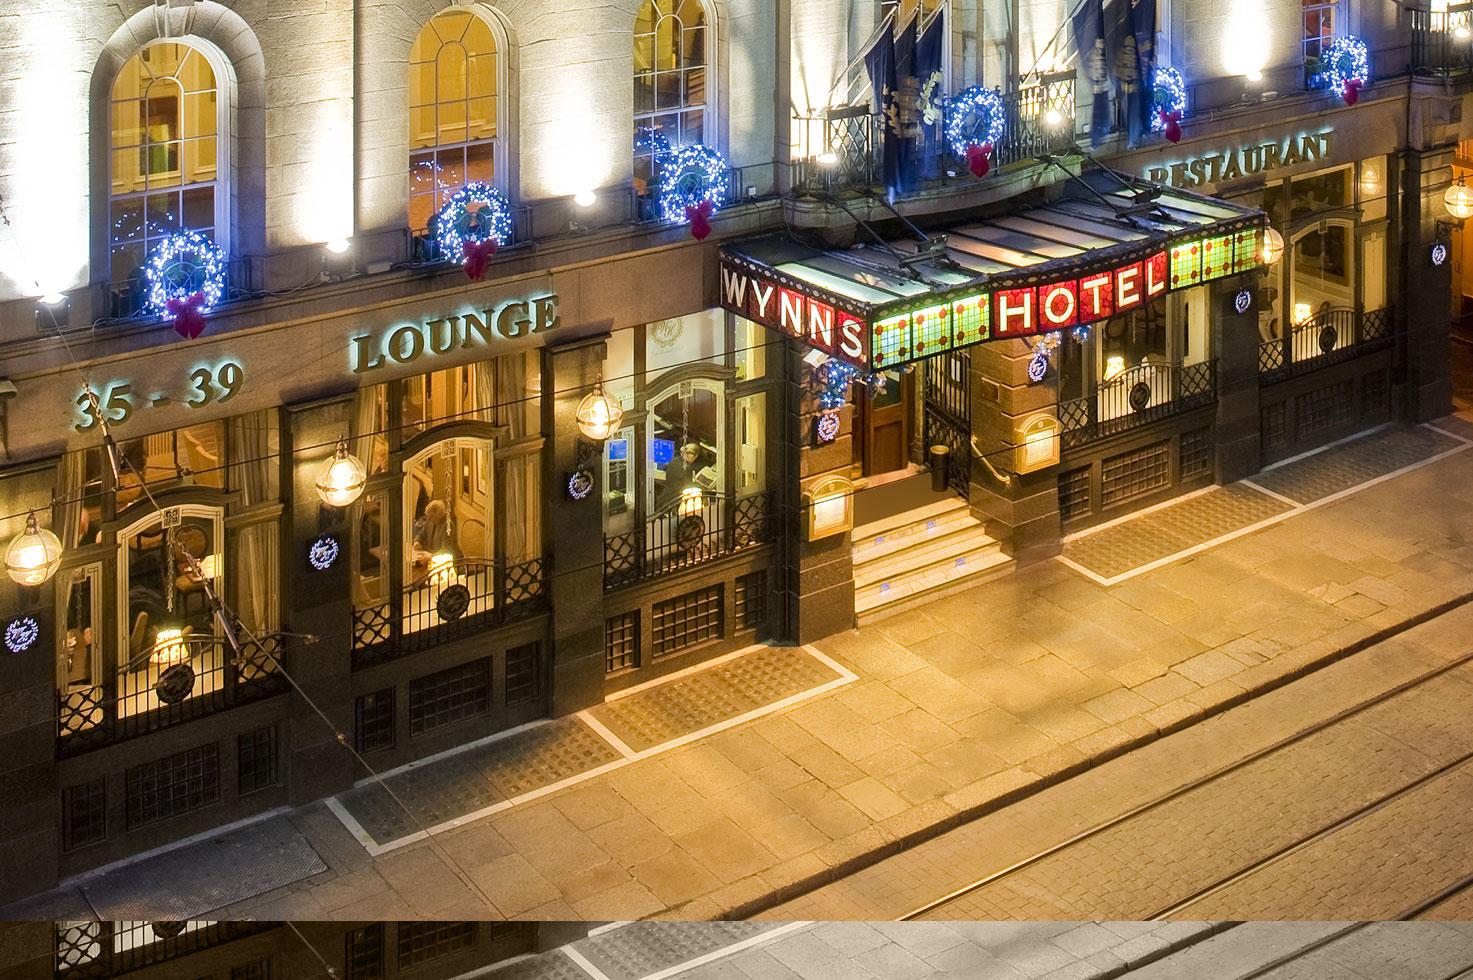 Wynns Hotel Dublin review